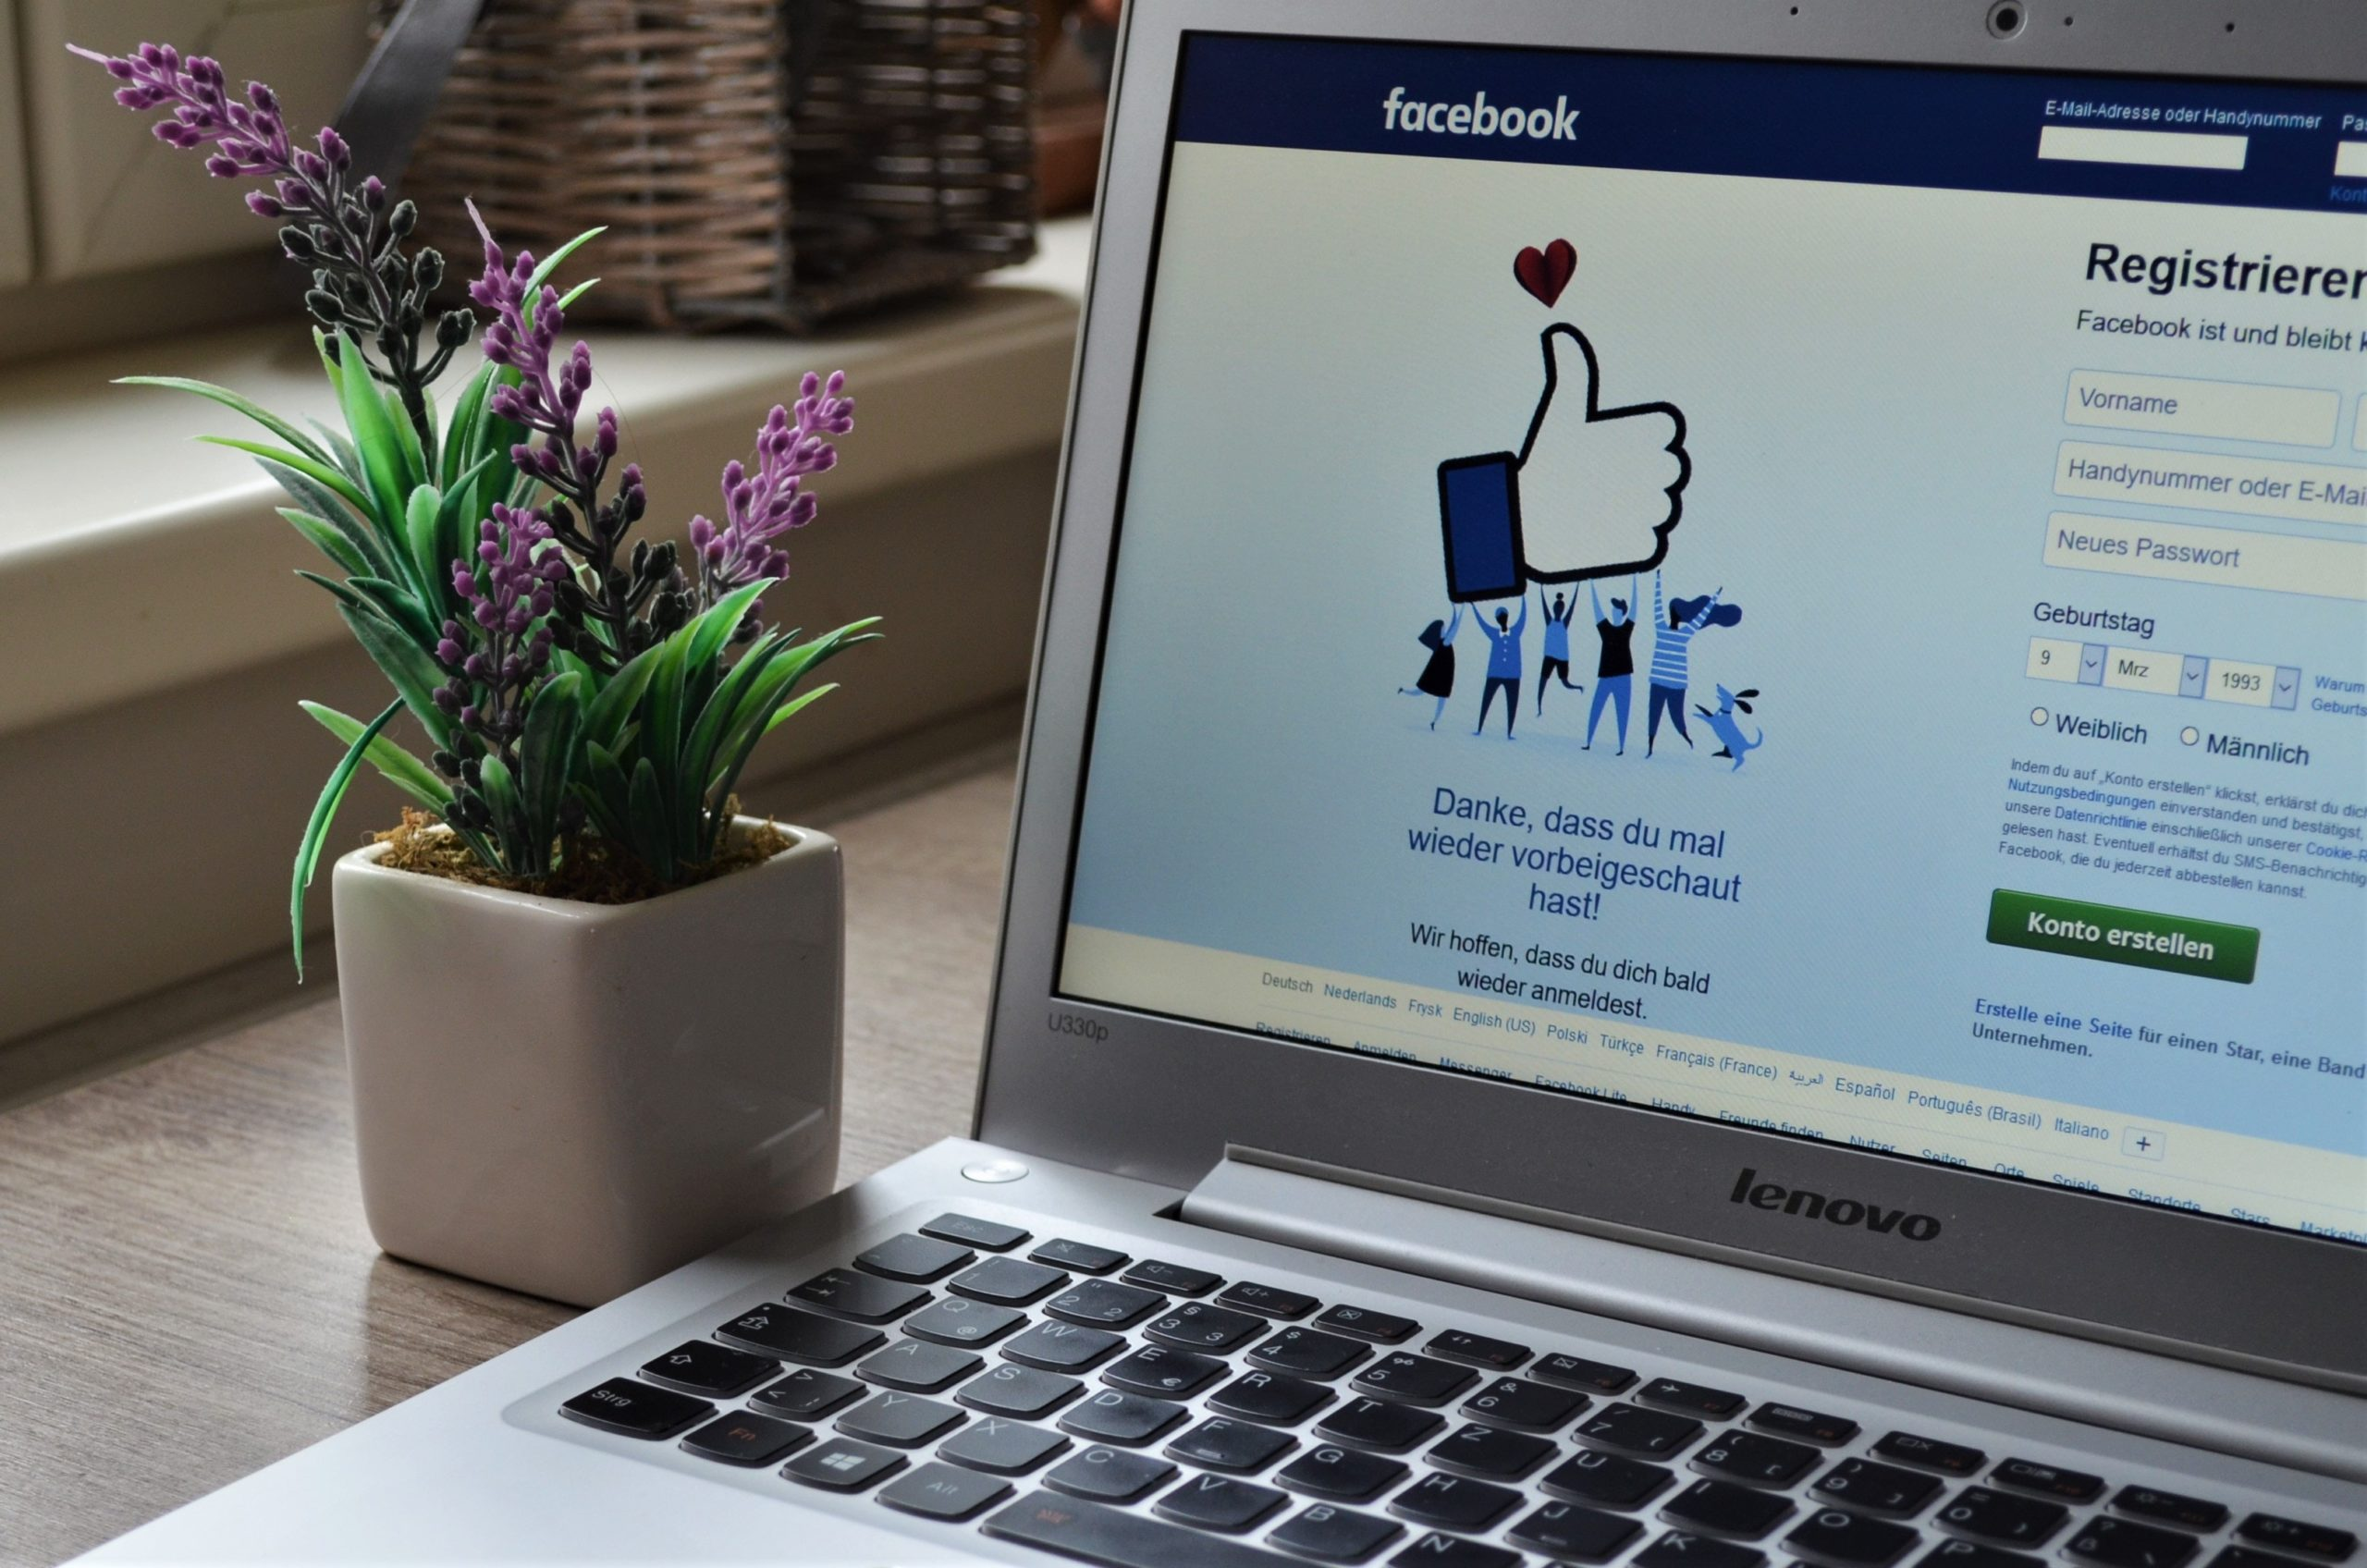 Cómo Puedo Recuperar Mi Cuenta De Facebook En App